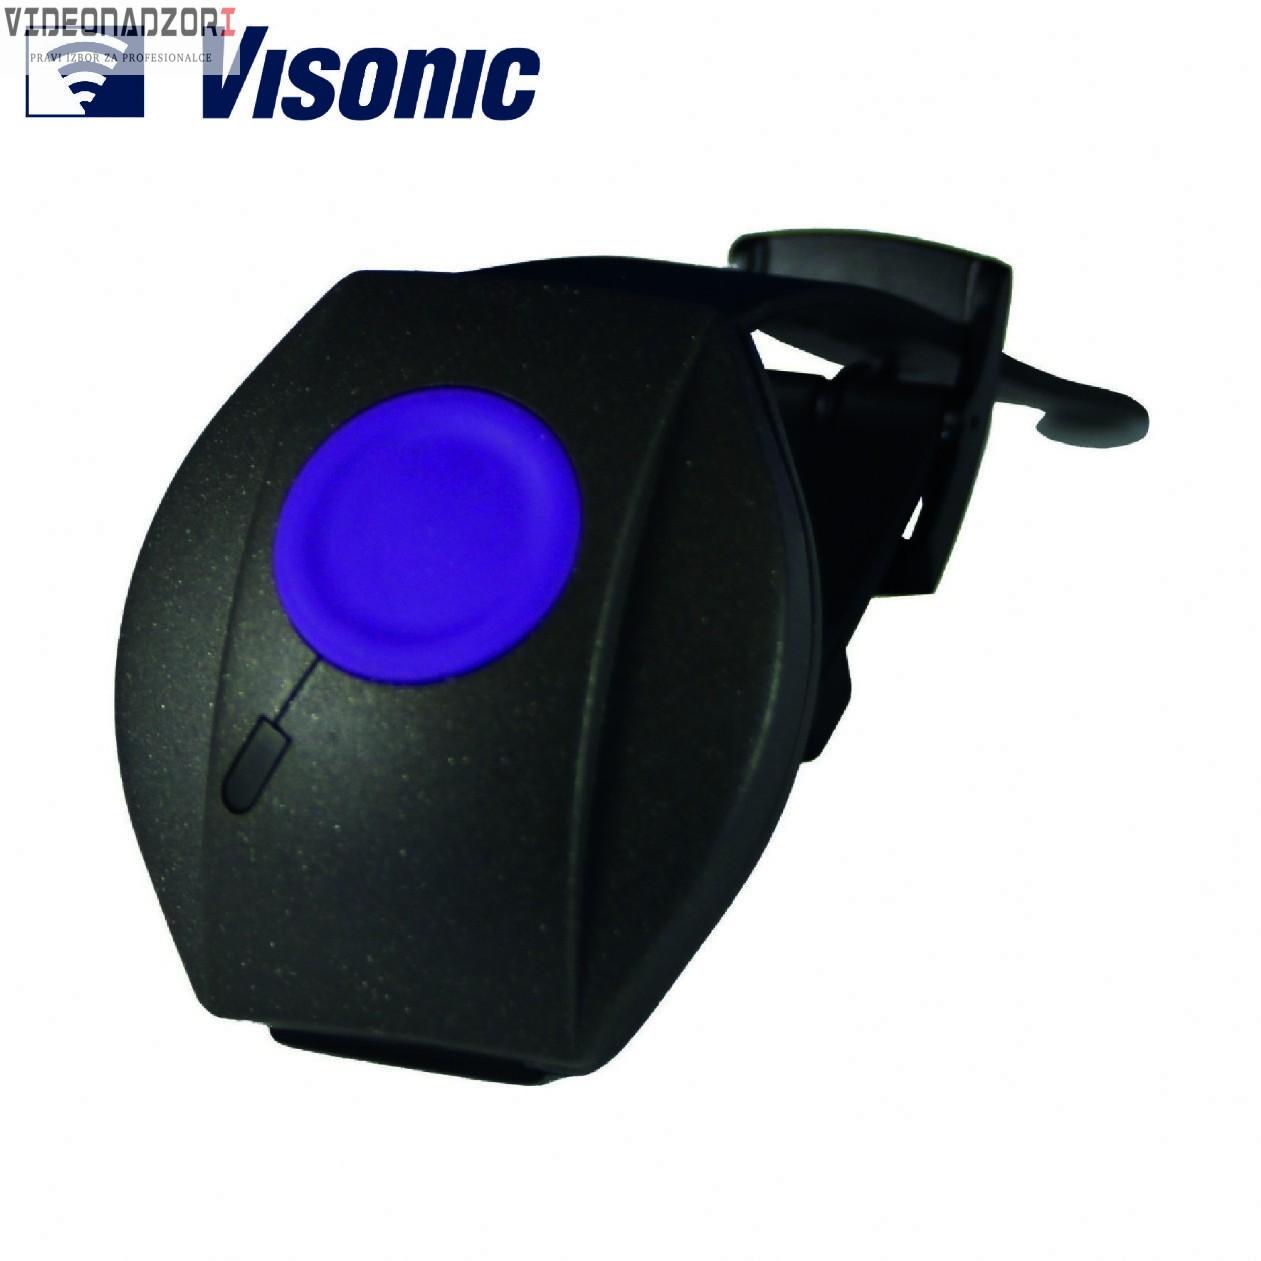 Visonic bežični upravljač - Bežična panik tipka MCT 211 prodavac VideoNadzori Hrvatska  za samo 431,25kn